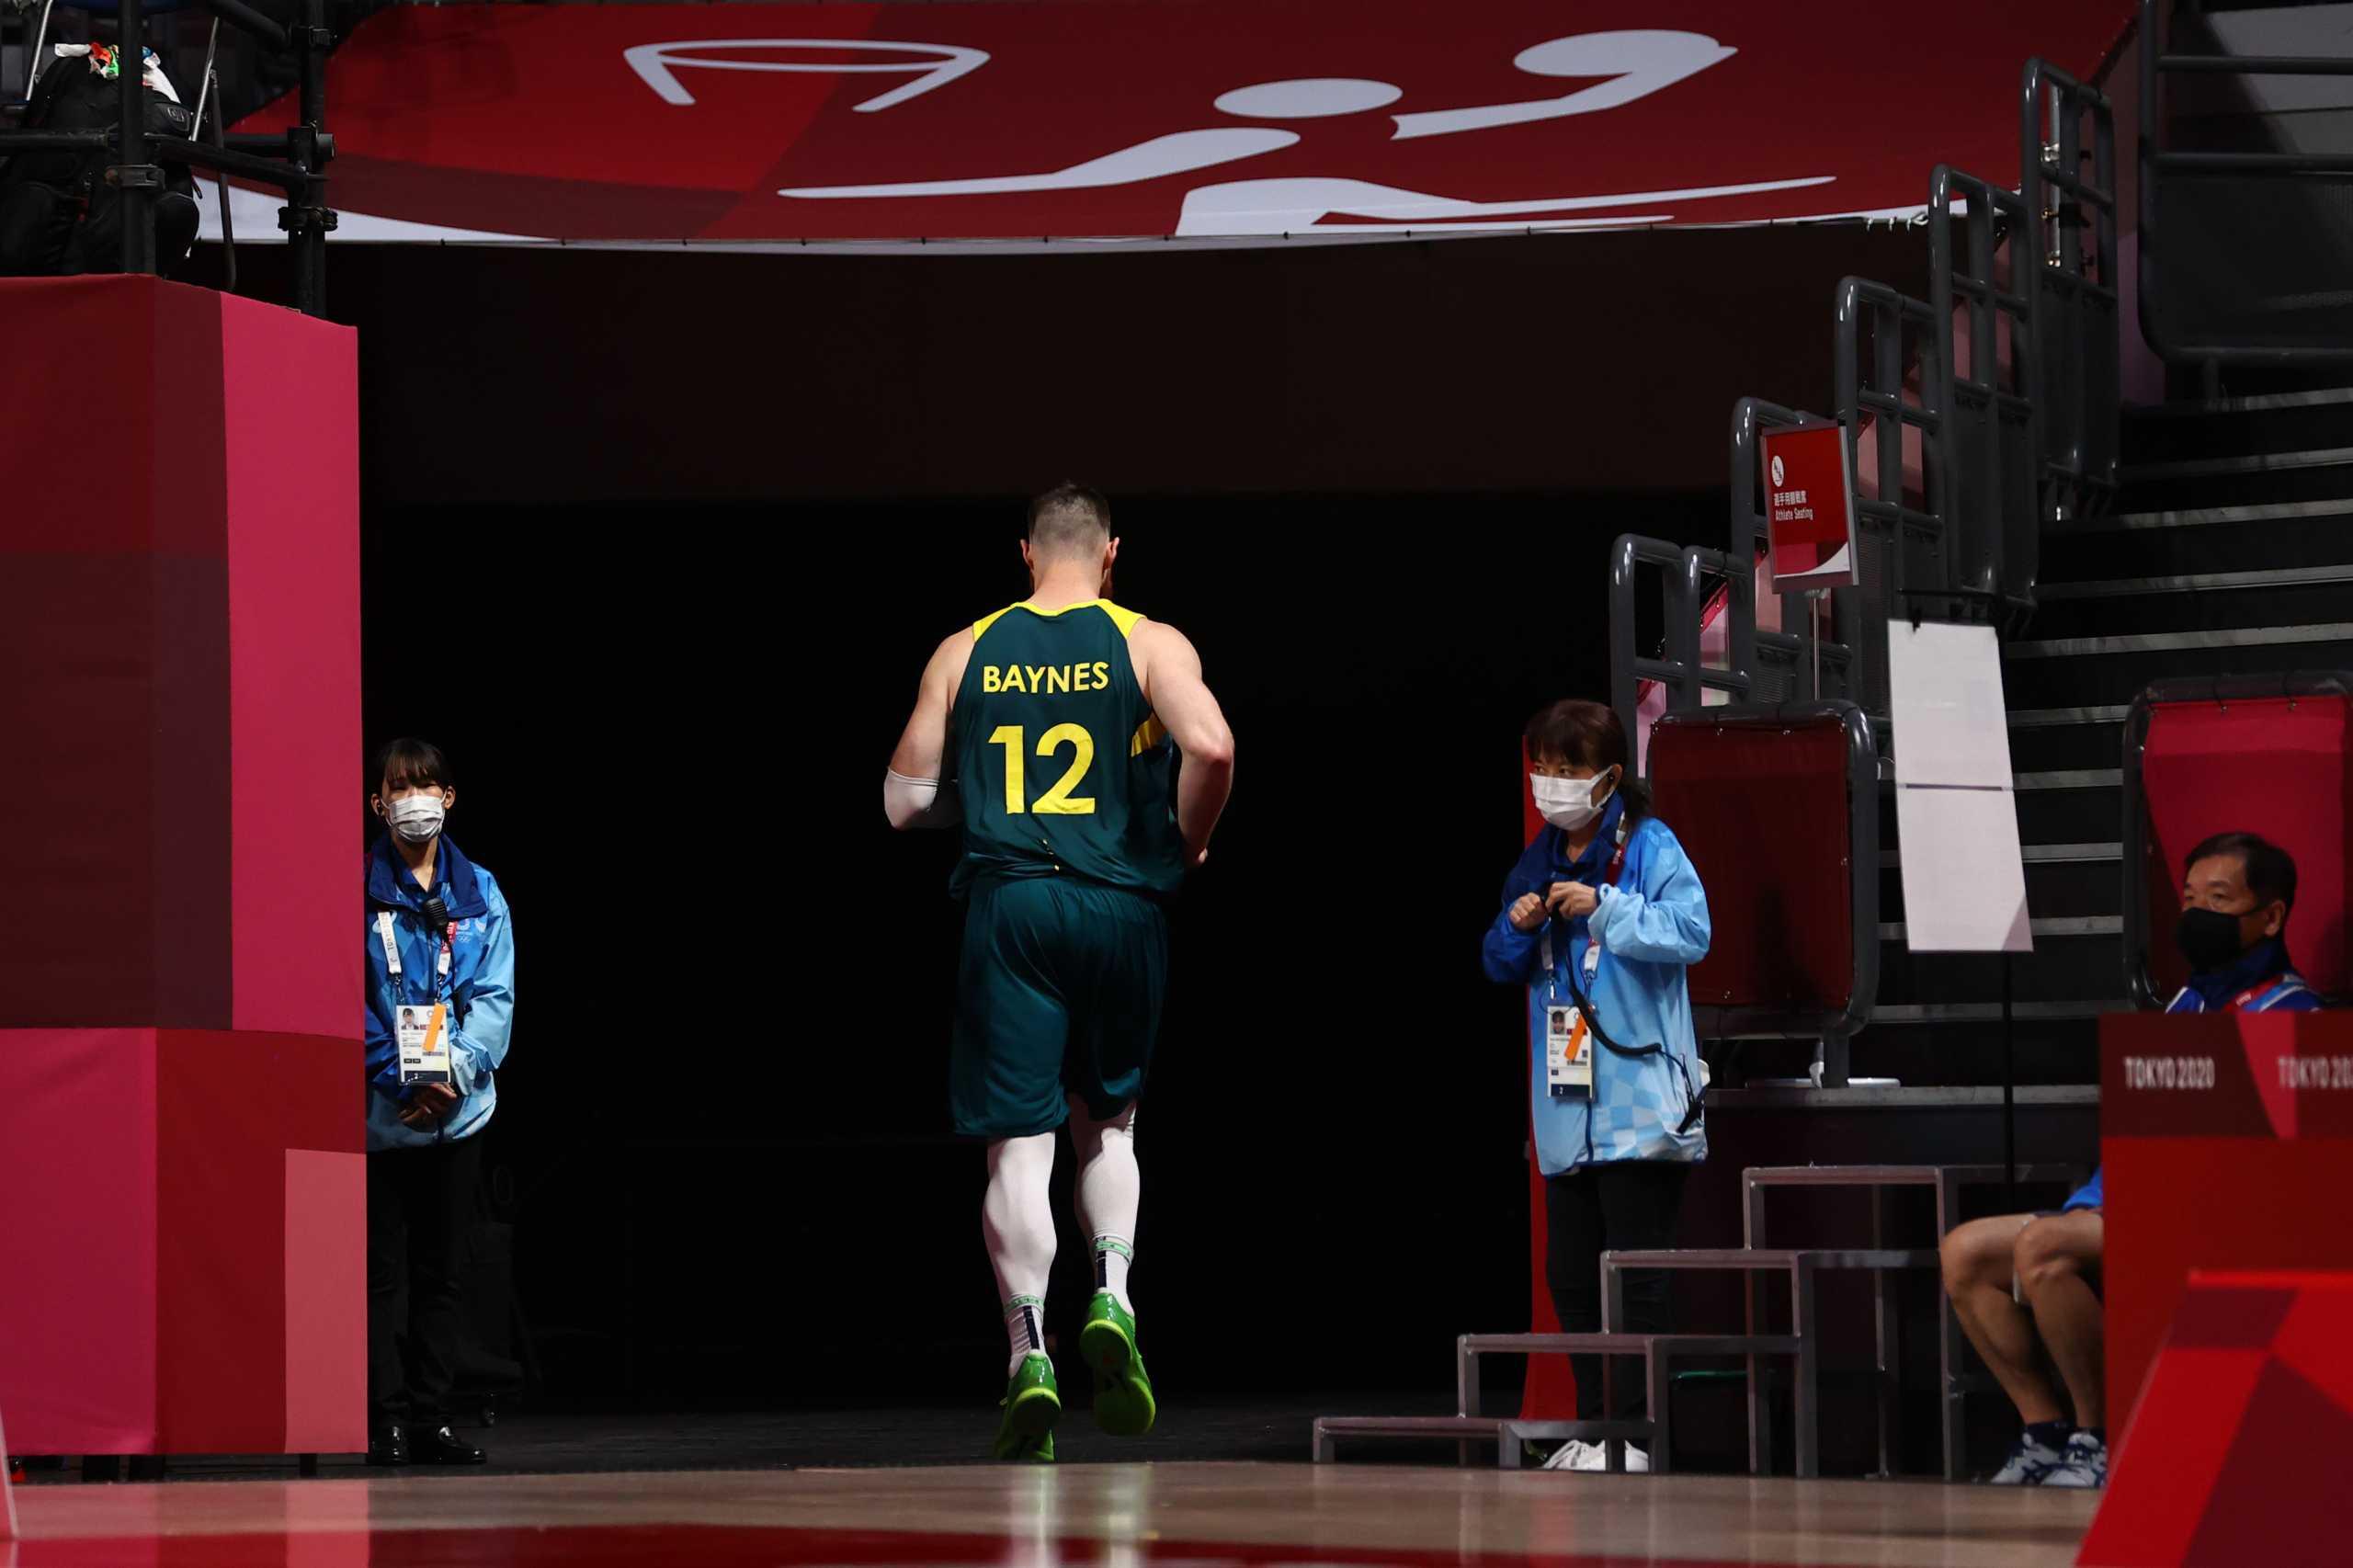 Ολυμπιακοί Αγώνες: Παίκτης του ΝΒΑ τραυματίστηκε στο μπάνιο και χάνει την υπόλοιπη διοργάνωση